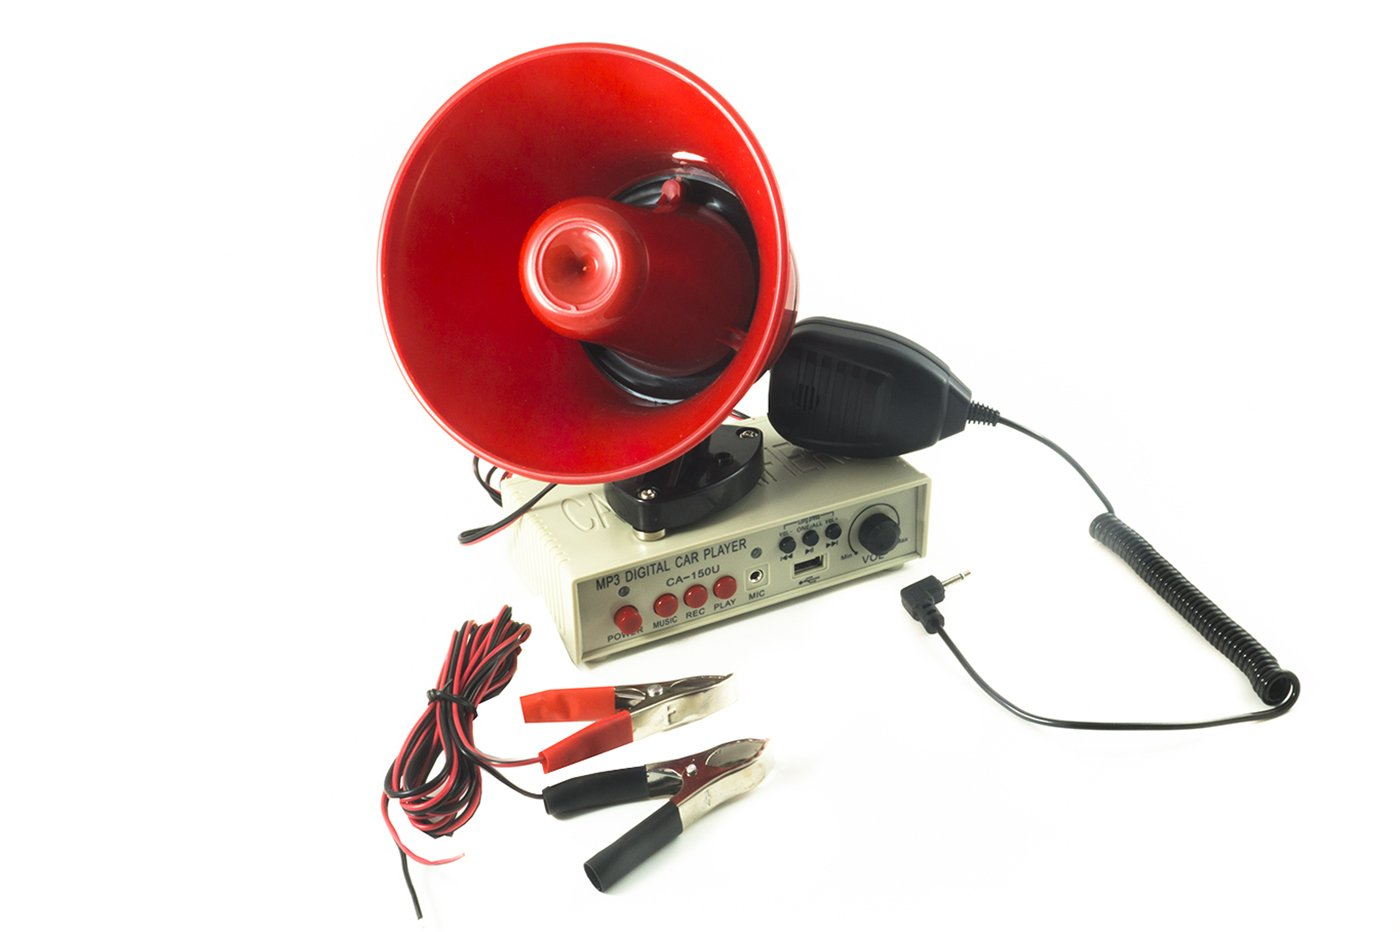 Mégaphone/sonorisation de voiture 12V - Amplificateur et enregistreur CA 150U